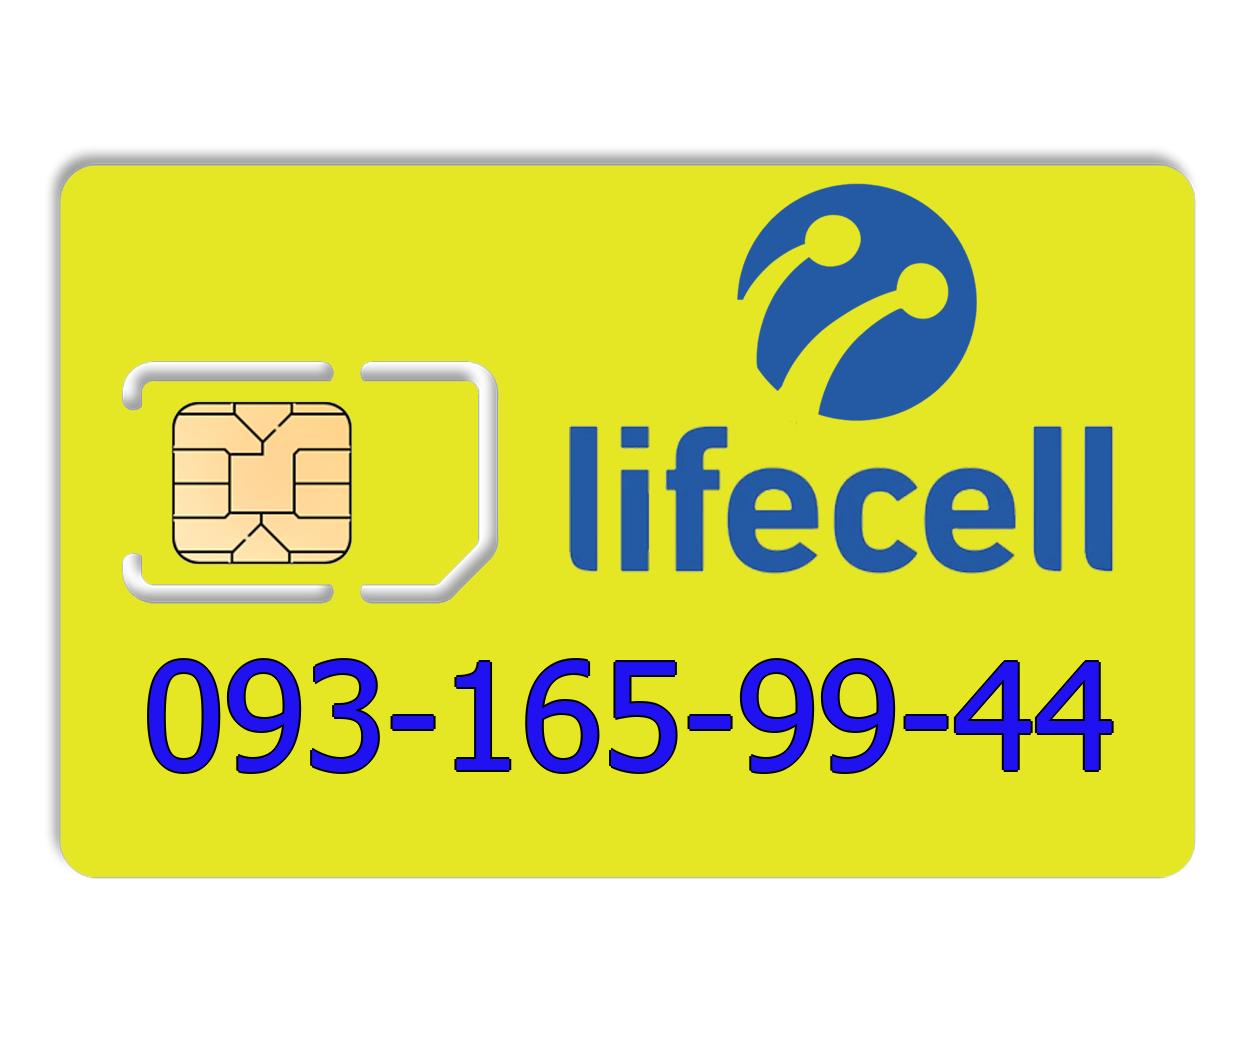 Красивый номер lifecell 093-165-99-44